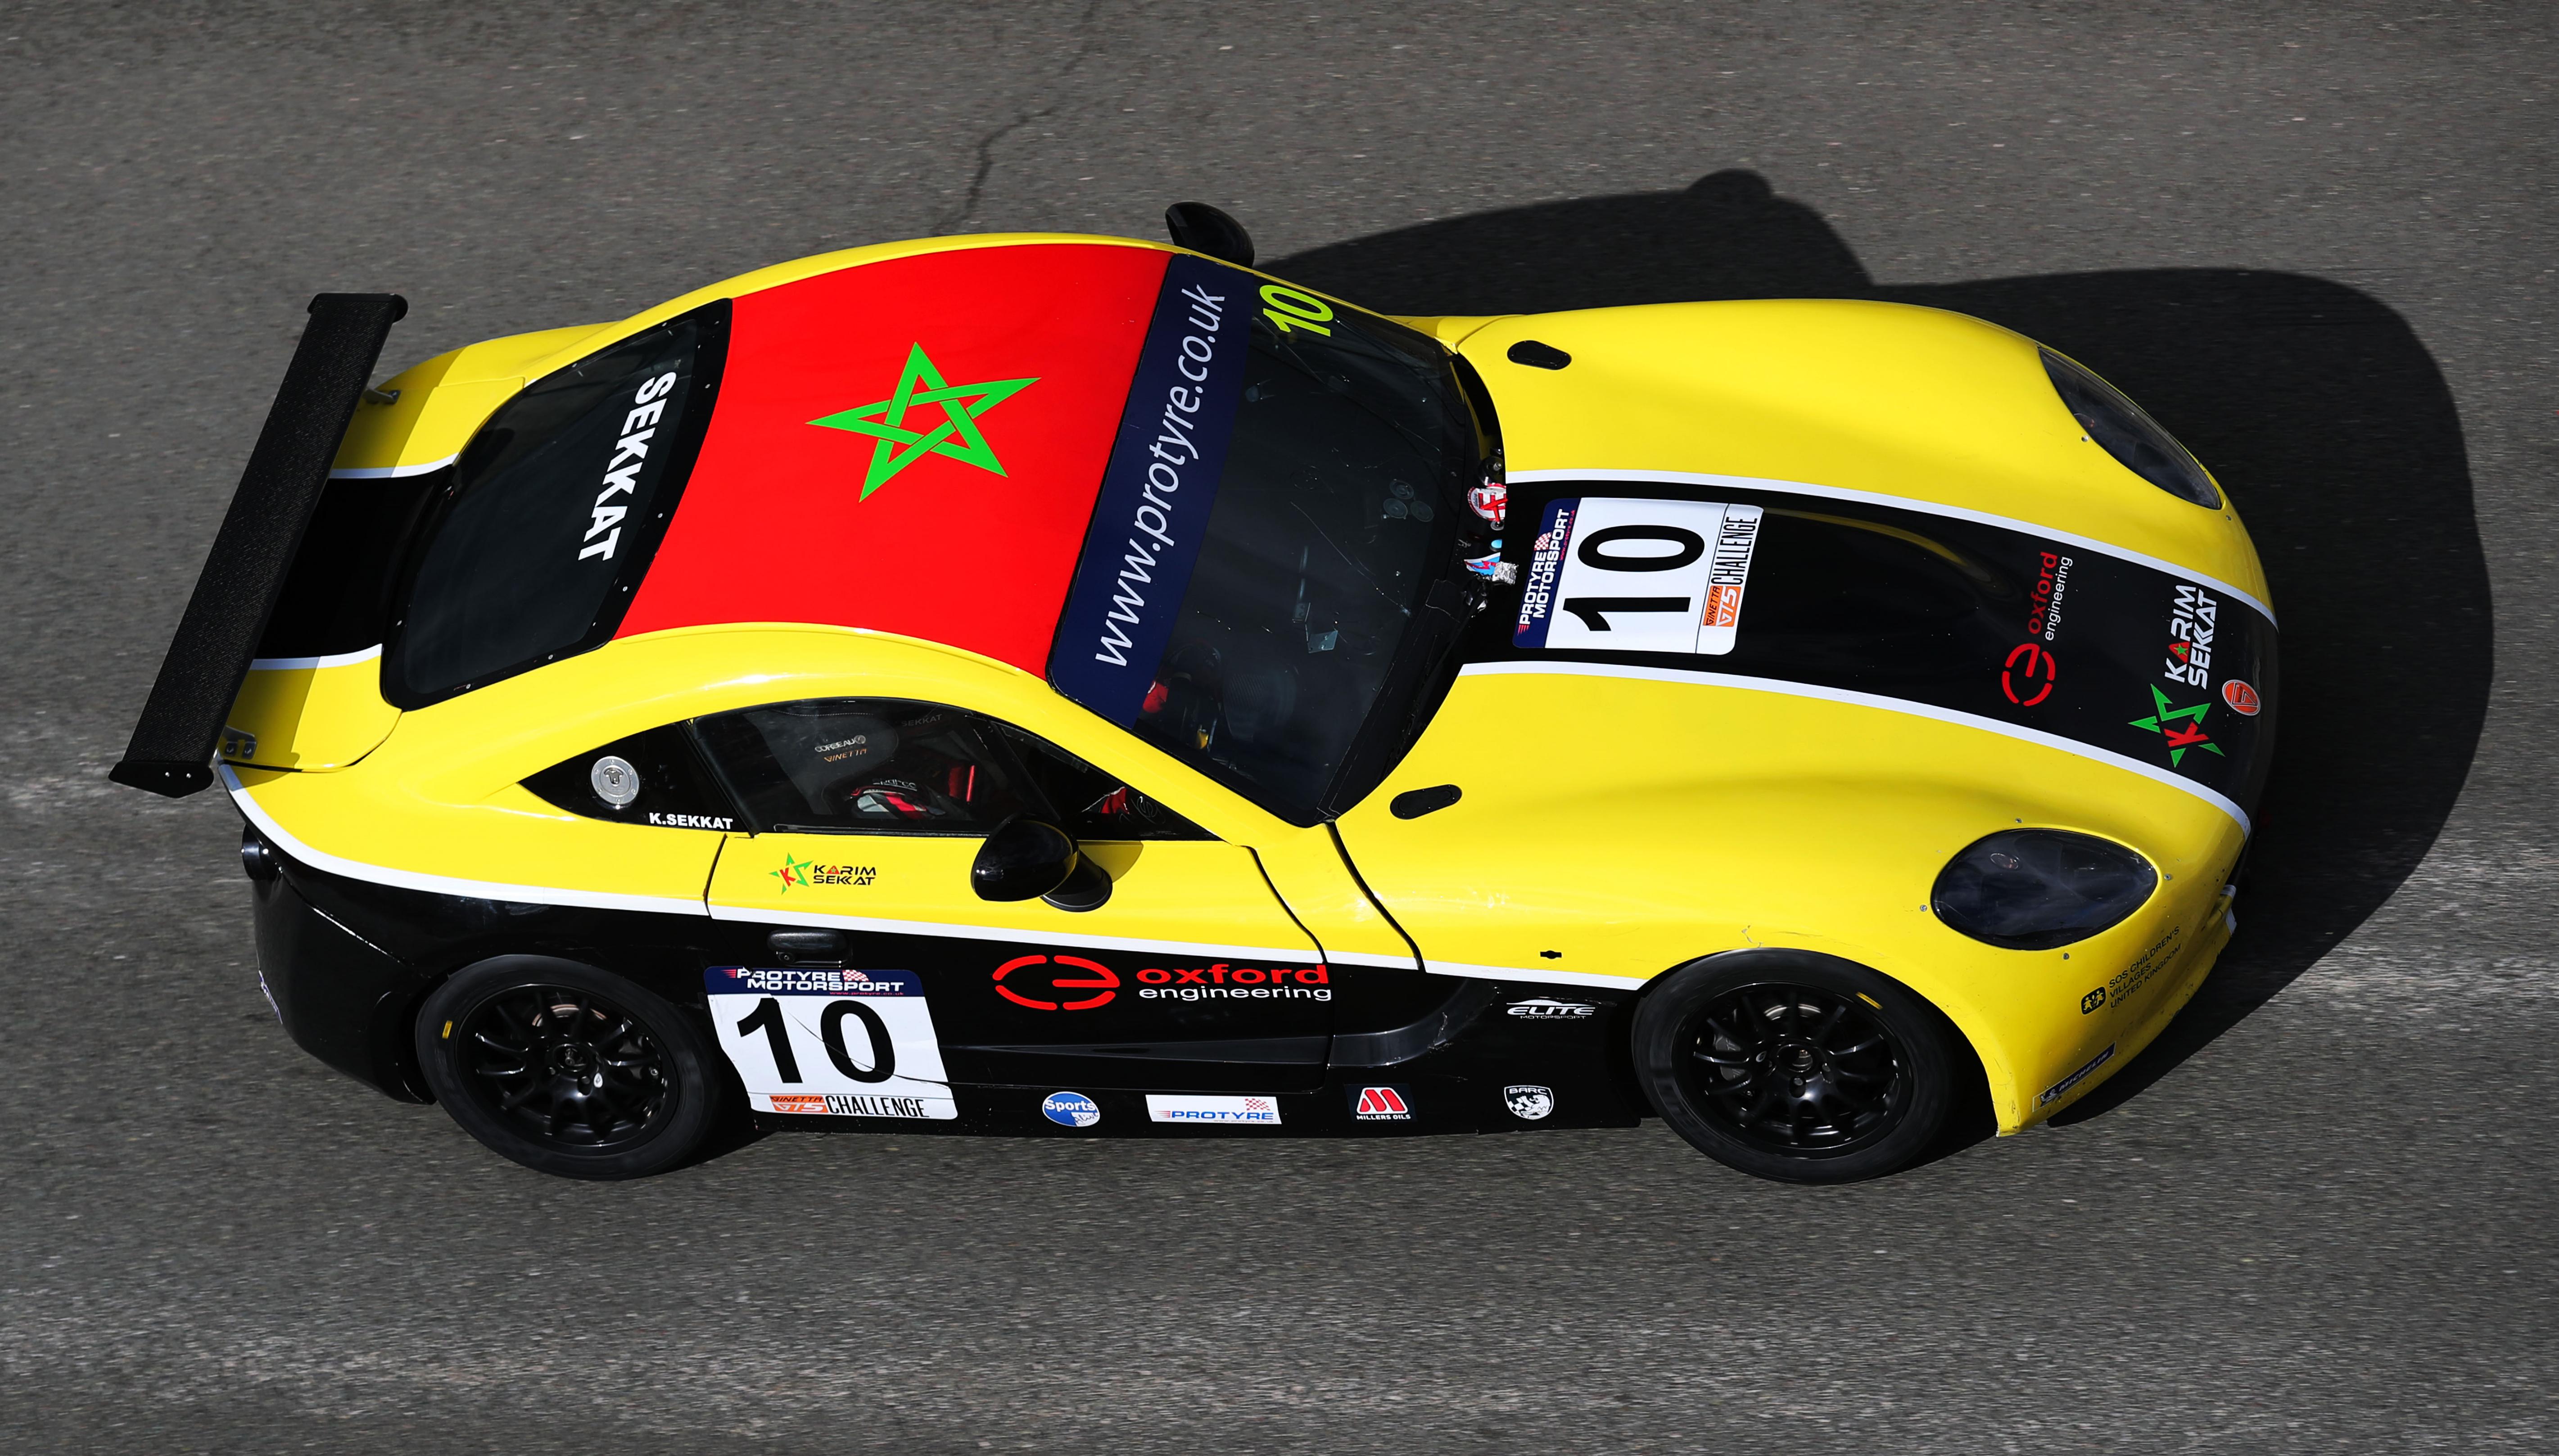 Qui pilote cette voiture avec le drapeau Marocain ?